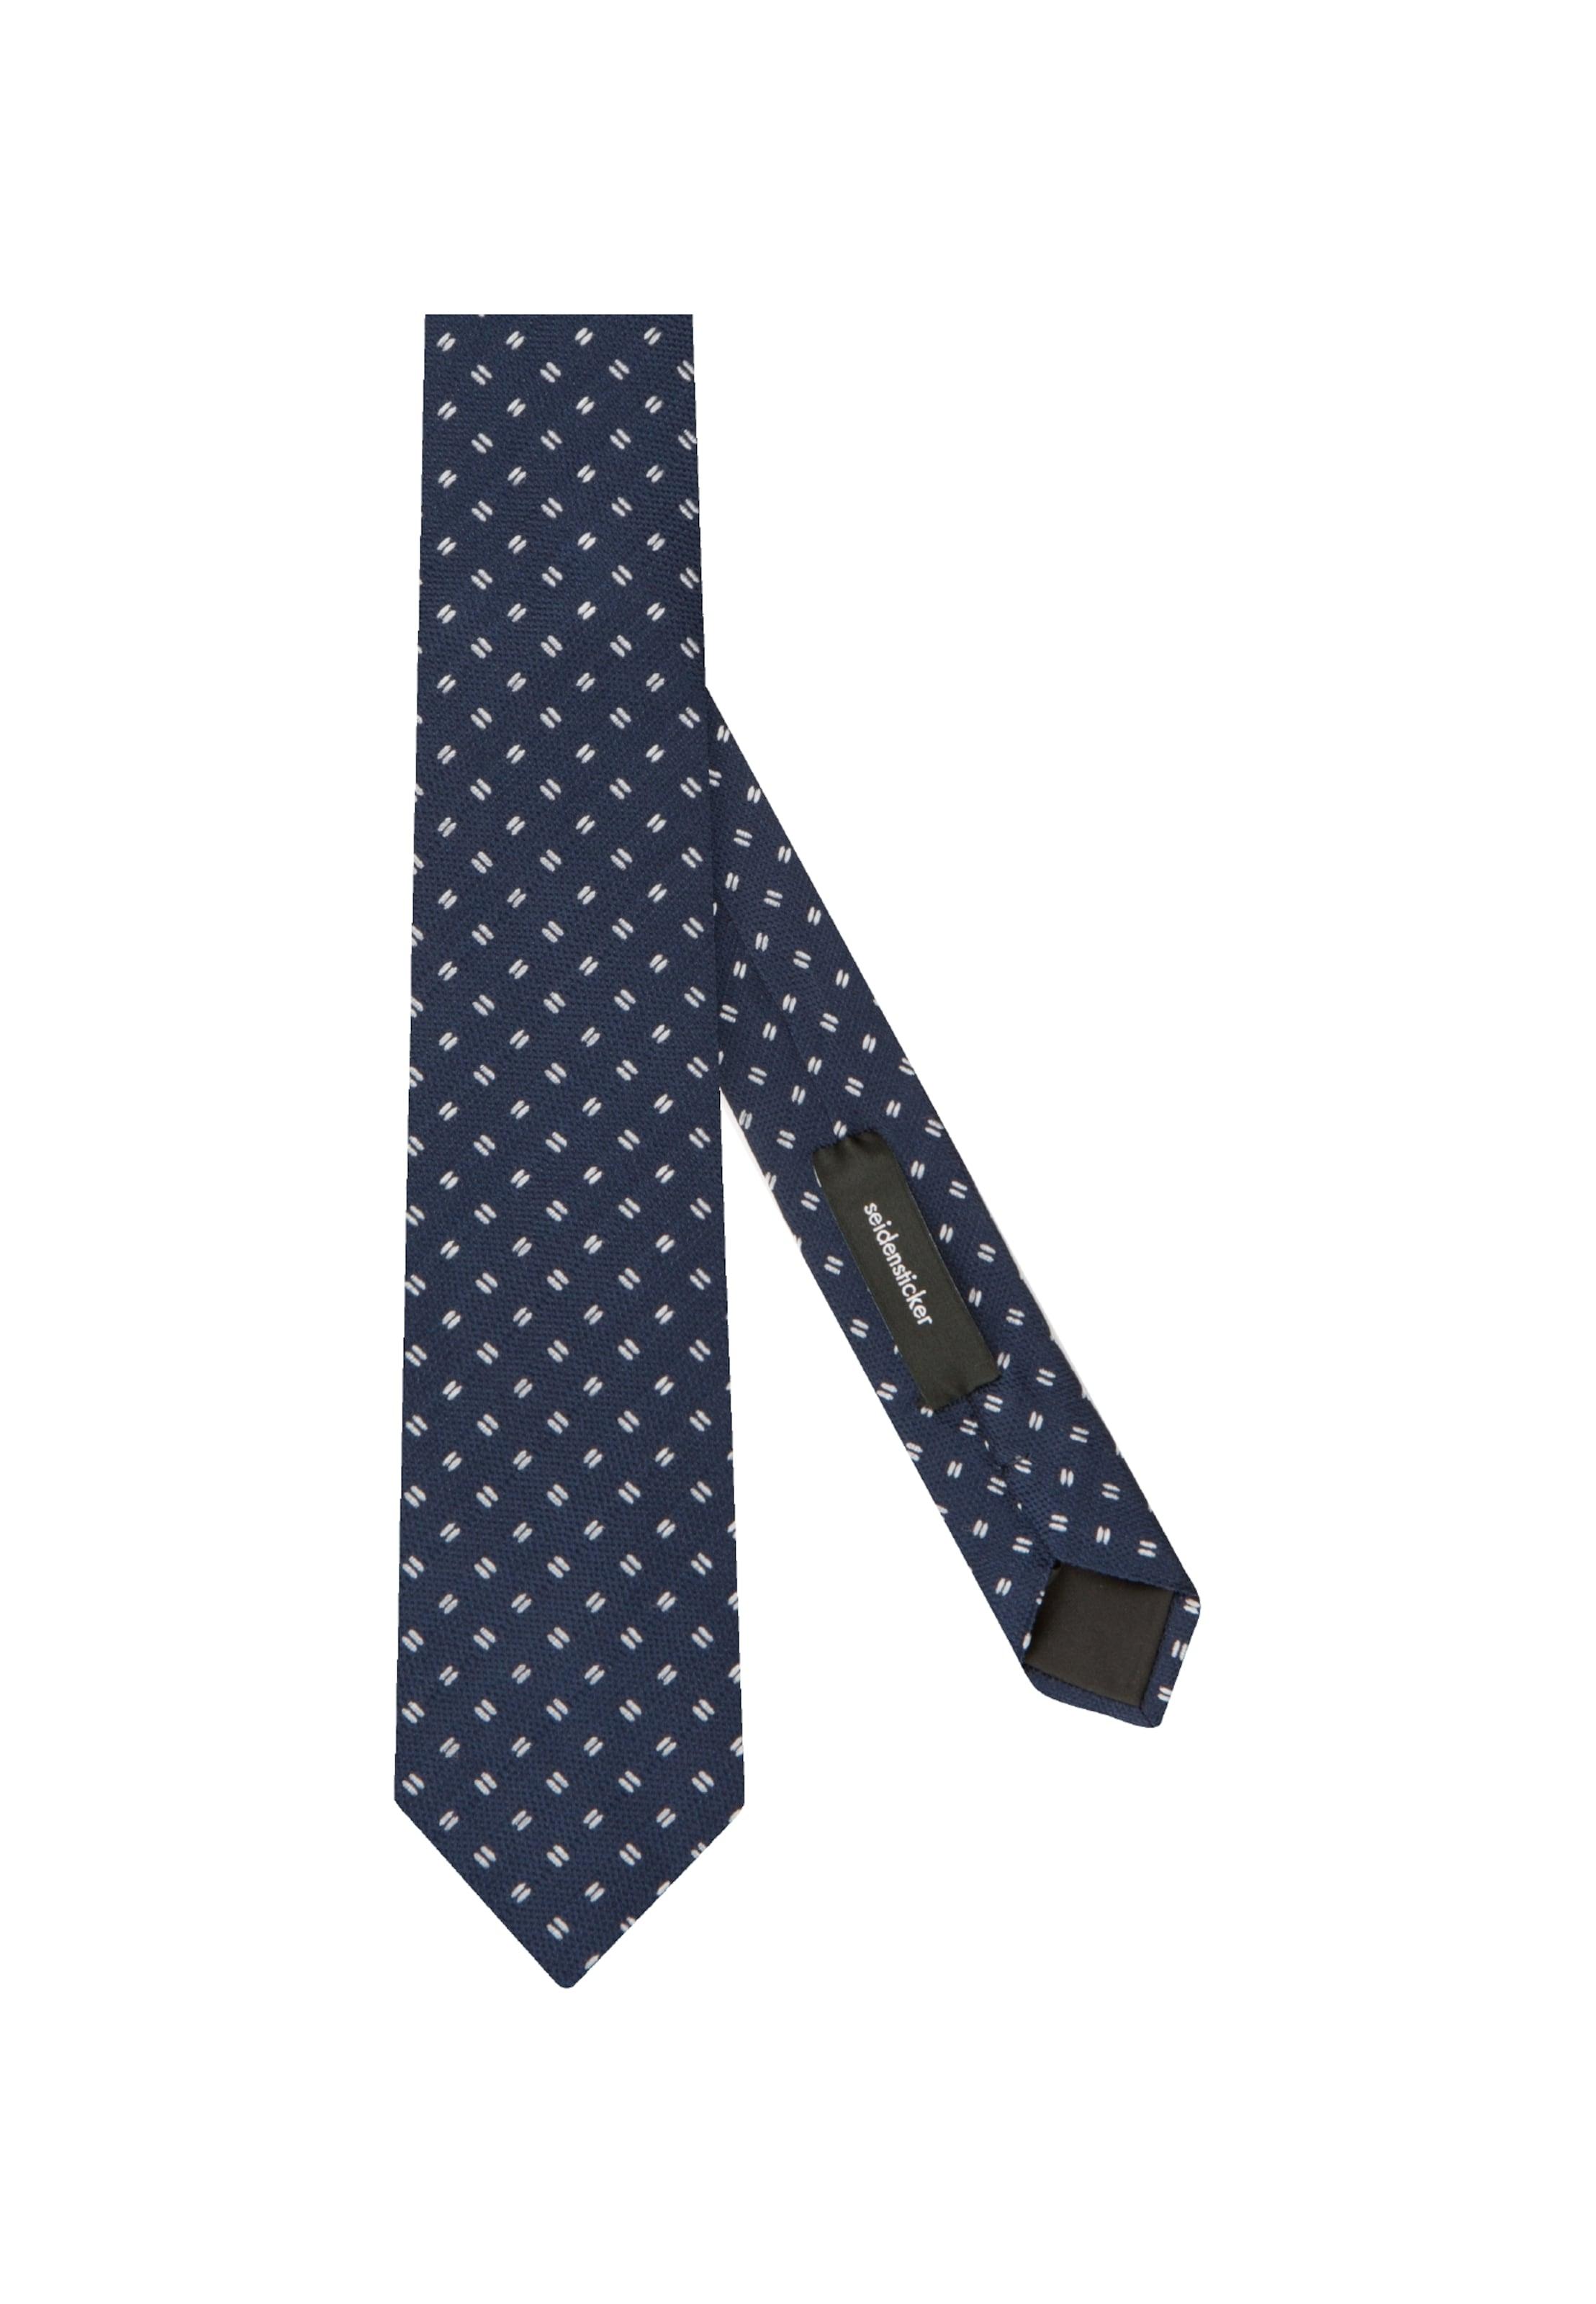 Rose' In BlauWeiß 'schwarze Seidensticker Krawatte lJcFT1K